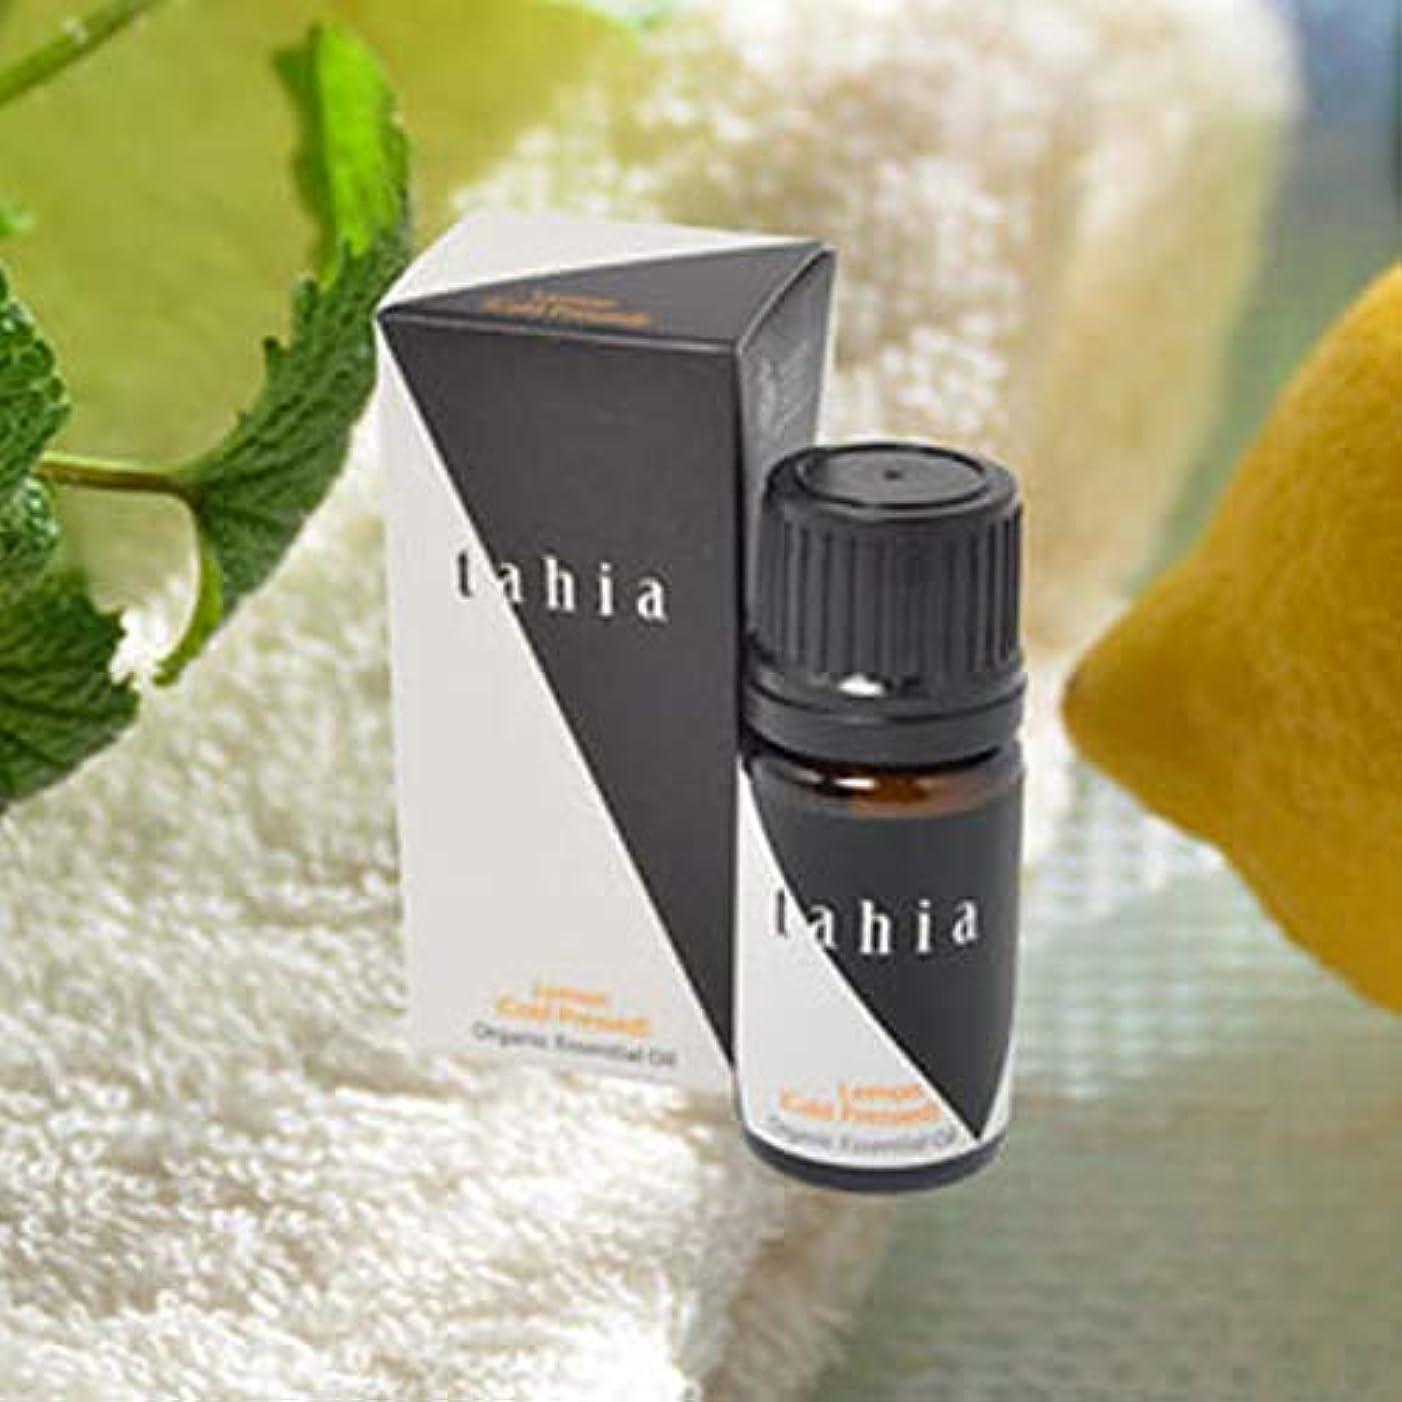 難民スライス分岐するタツフト タヒア tahia レモン エッセンシャルオイル オーガニック 芳香 精油